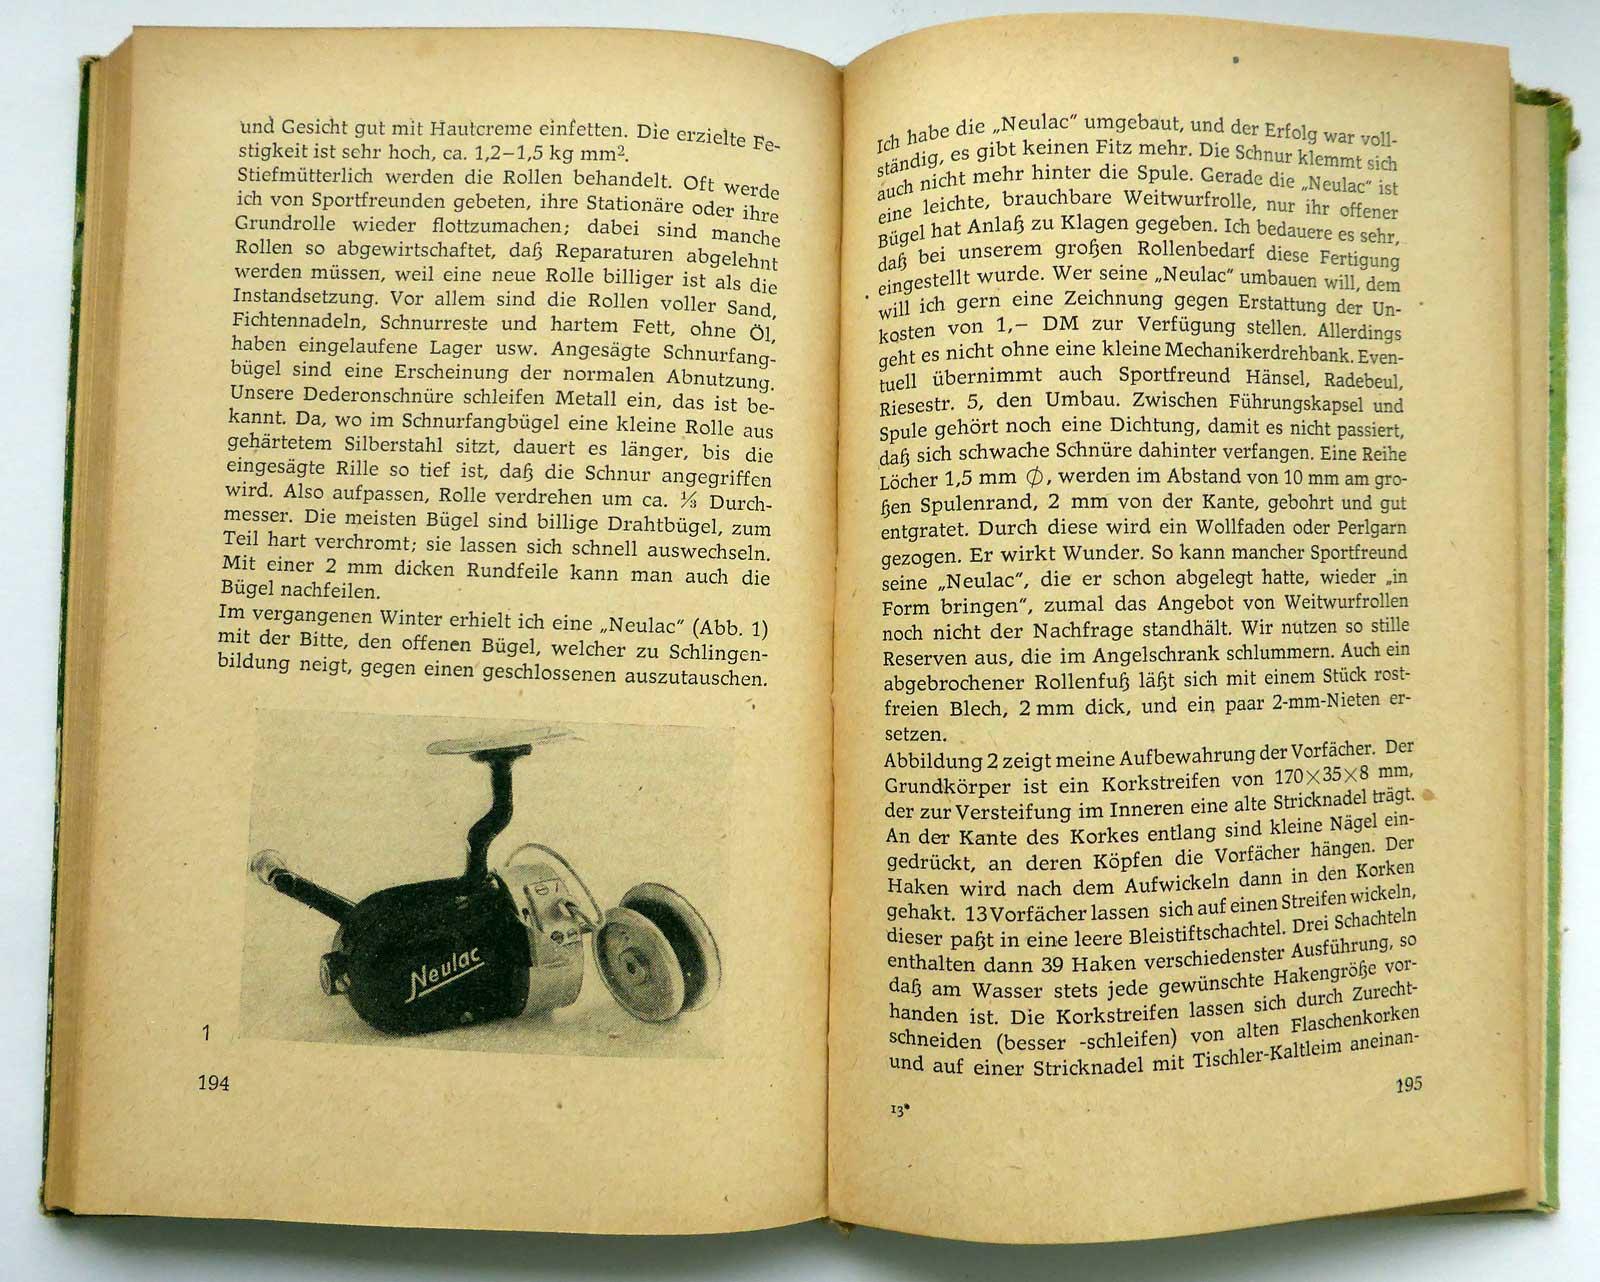 """Aus dem Jahrbuch des Anglers (DDR- Anglerkalender) von 1963. Rudolf Schröpfer, """"Nutzen für alle aus der Bastlerecke"""", S. 193ff."""